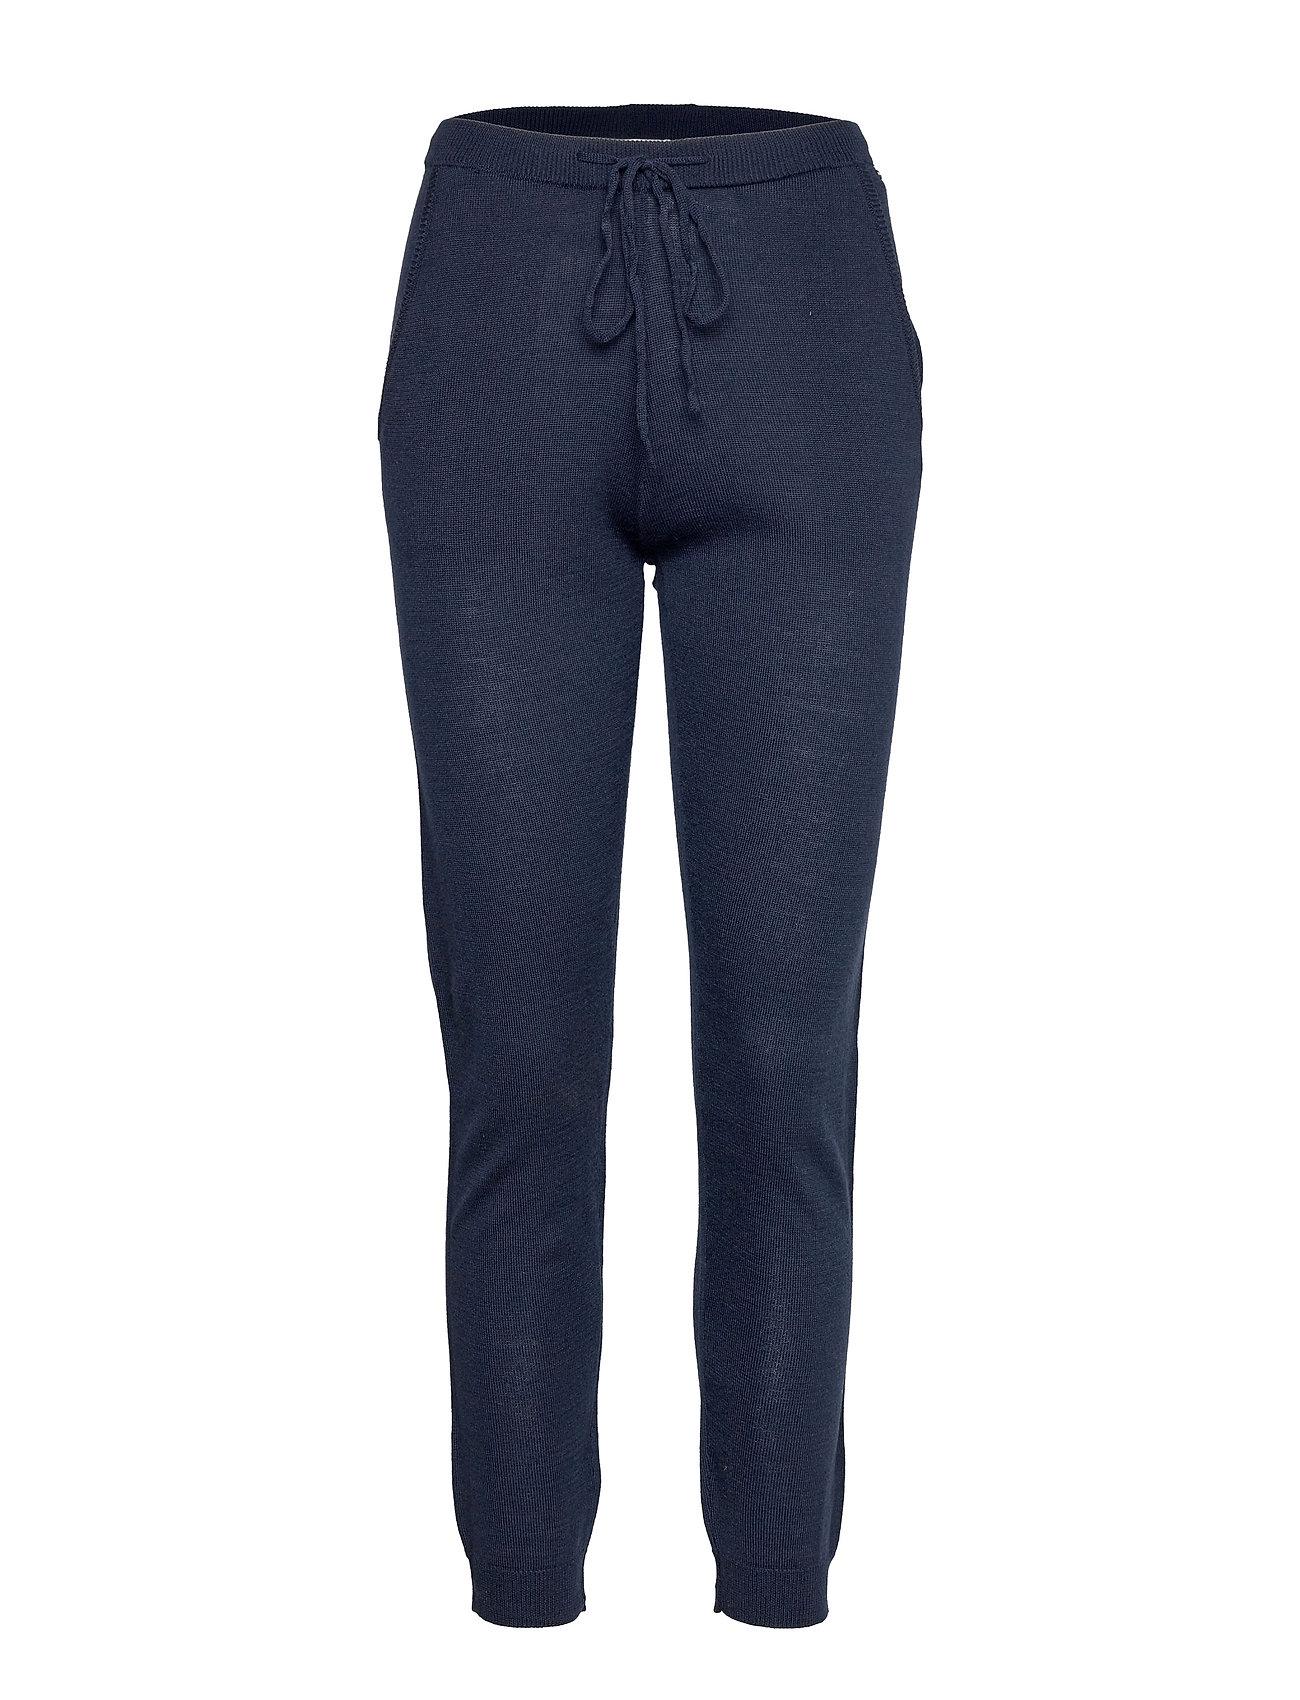 Merino Trousers Casual Bukser Blå Rosemunde